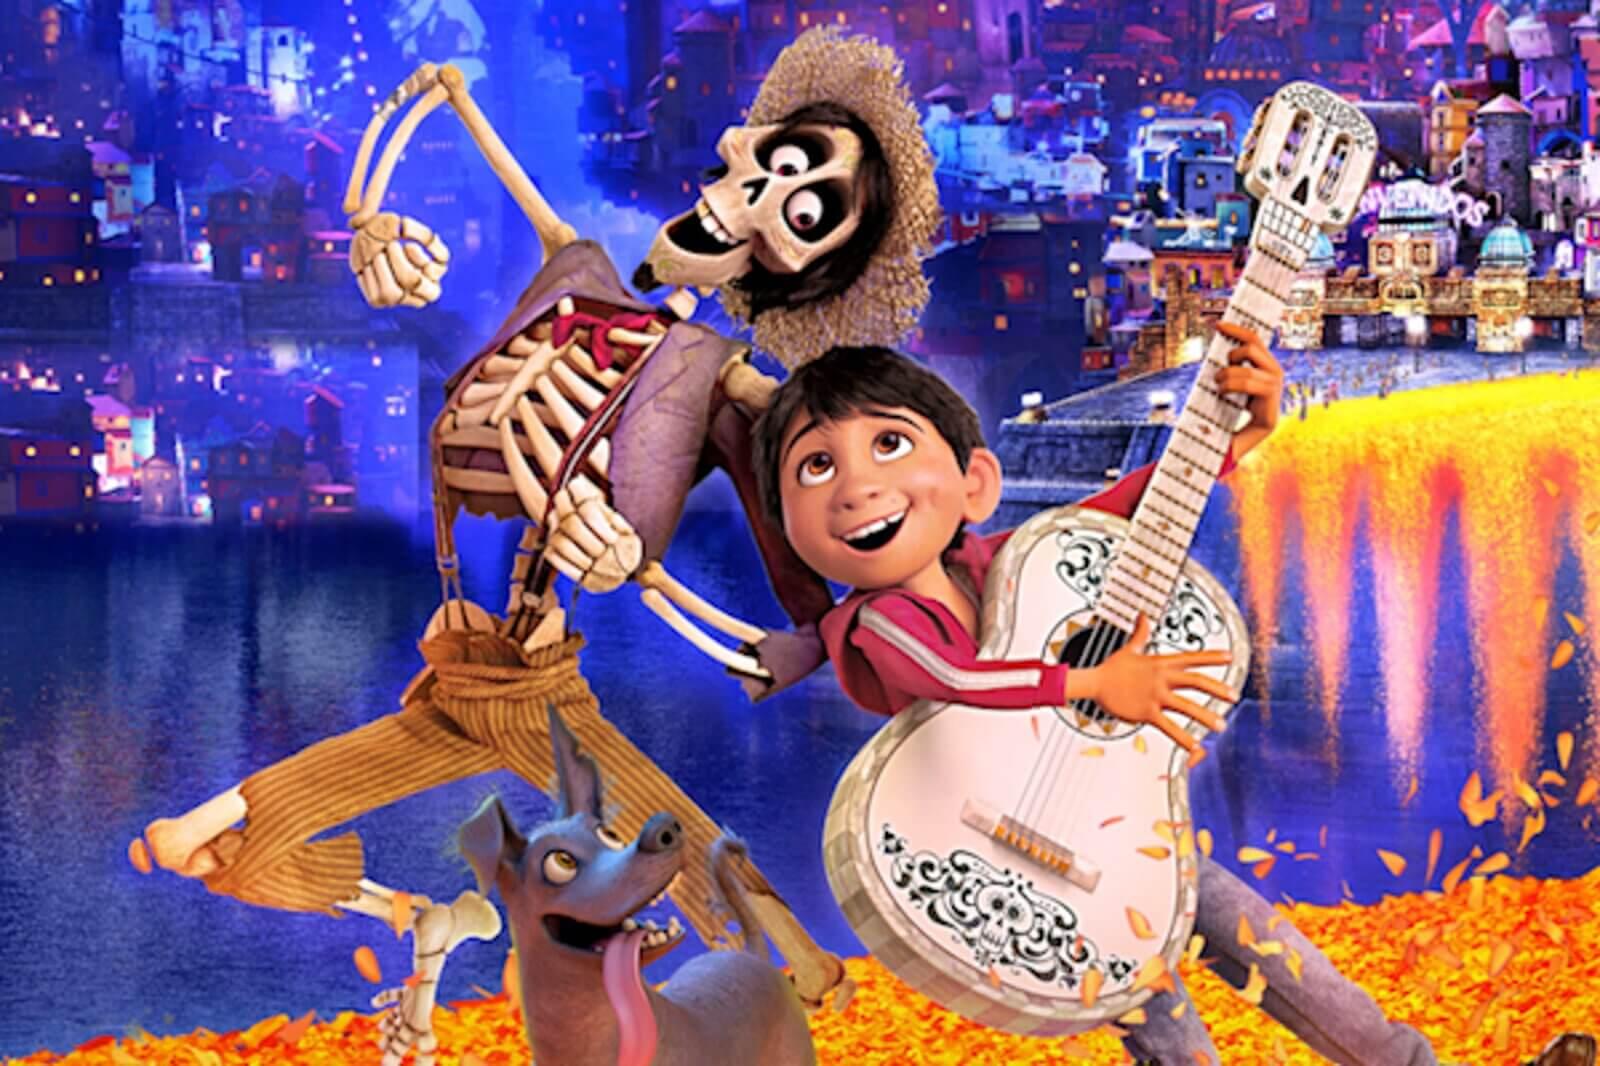 Los protagonistas de Coco, una de las películas para trabajar la pérdida y el duelo con niños.